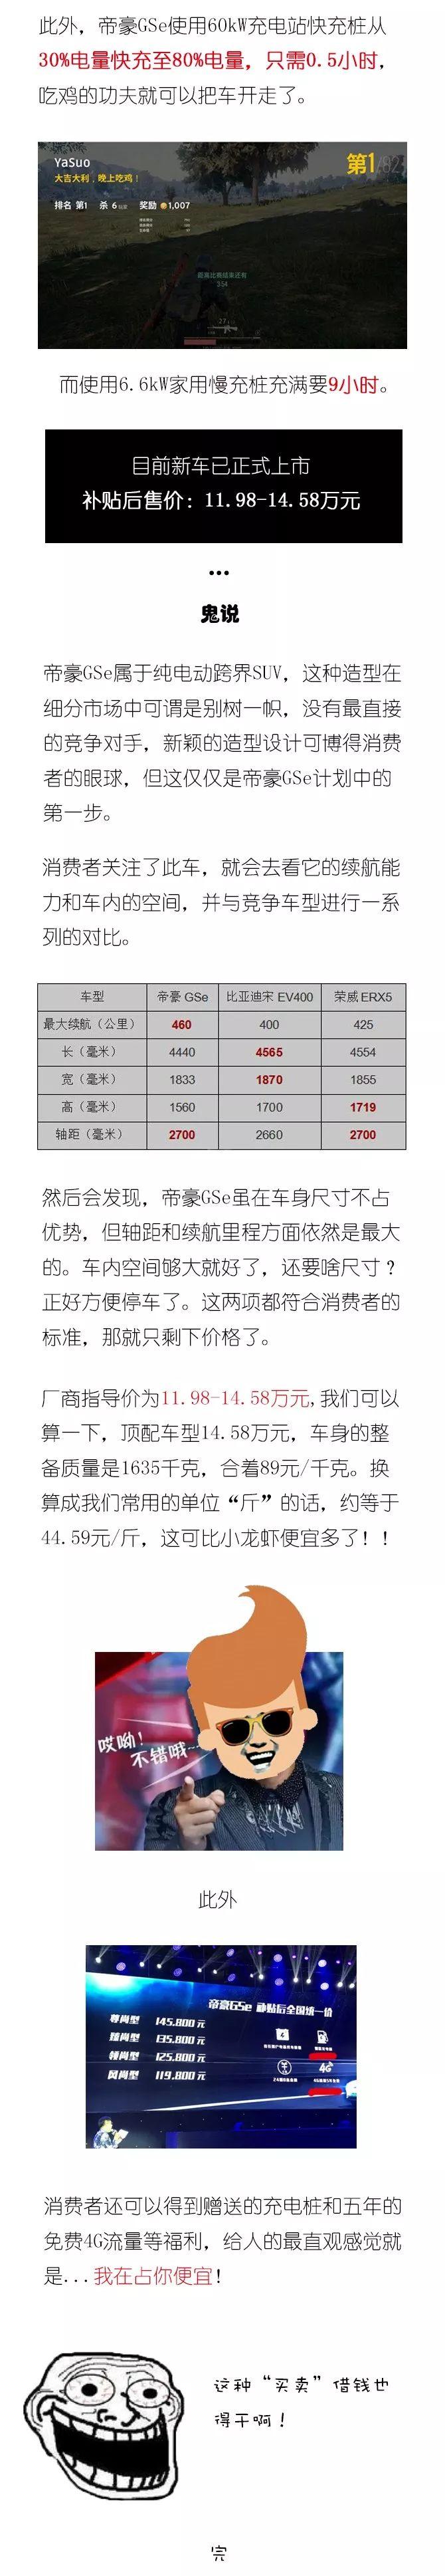 新莆京娱乐官网 1